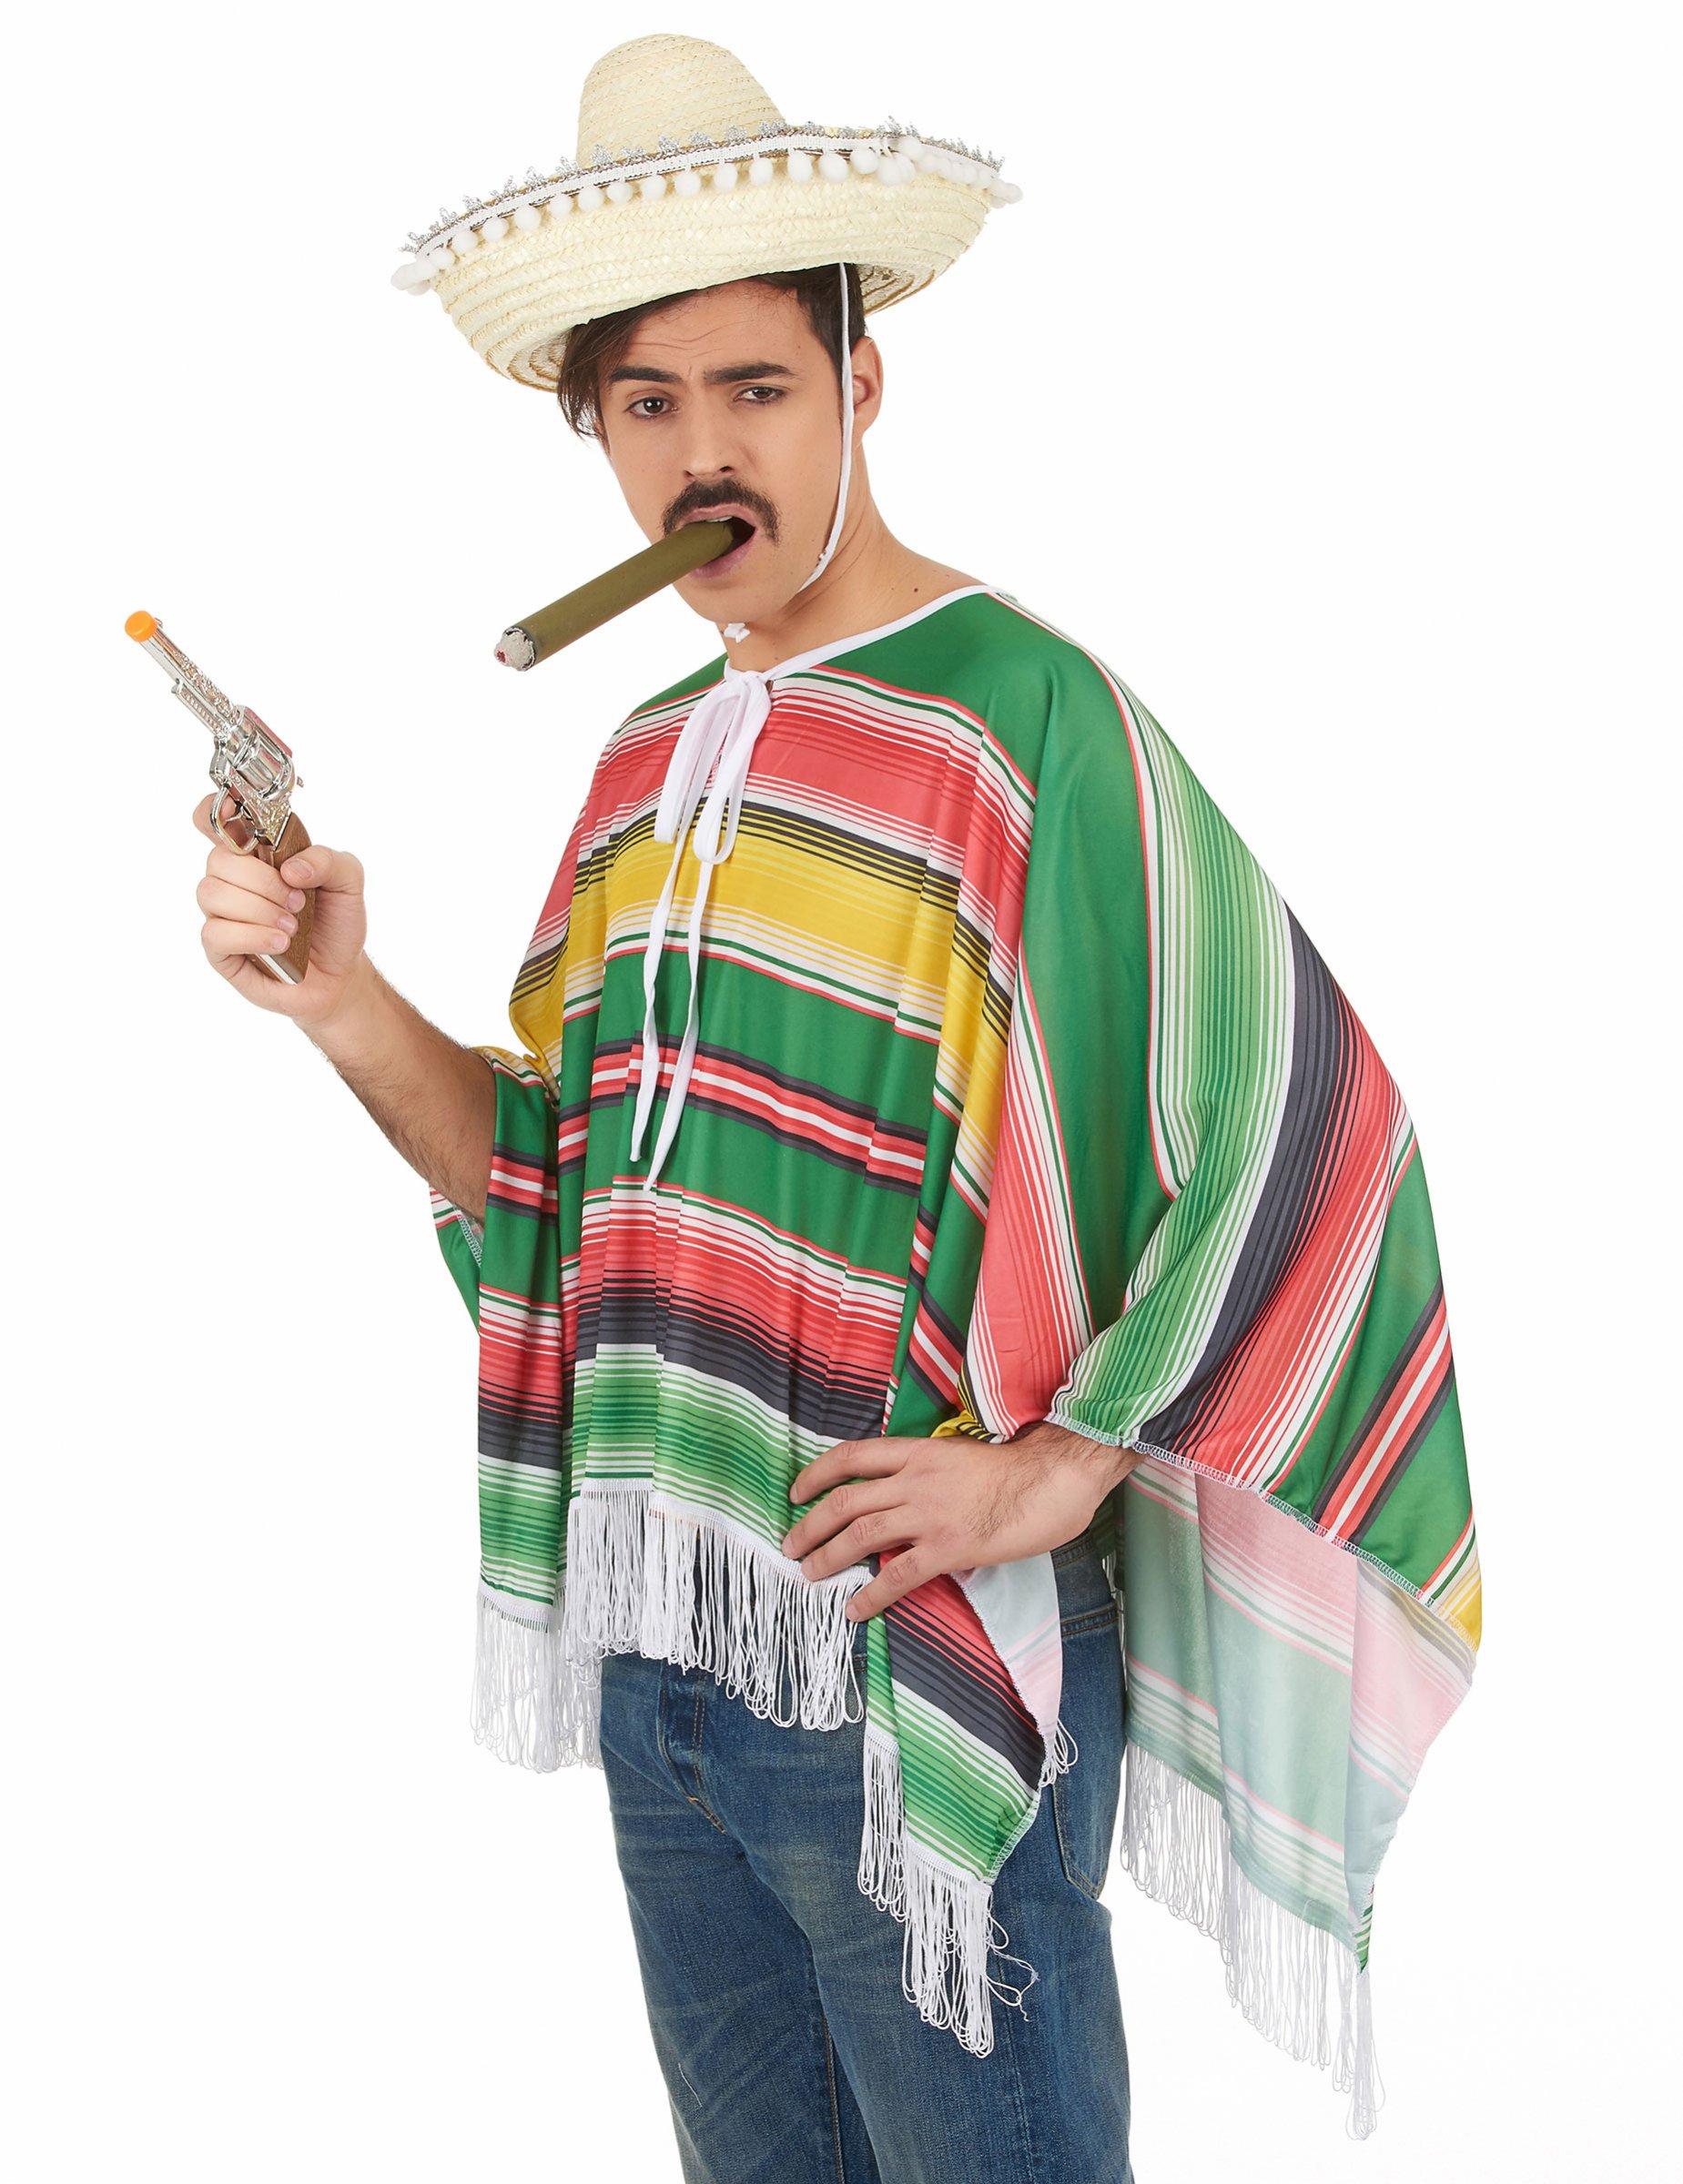 mexikaner kost m f r herren kost me f r erwachsene und. Black Bedroom Furniture Sets. Home Design Ideas